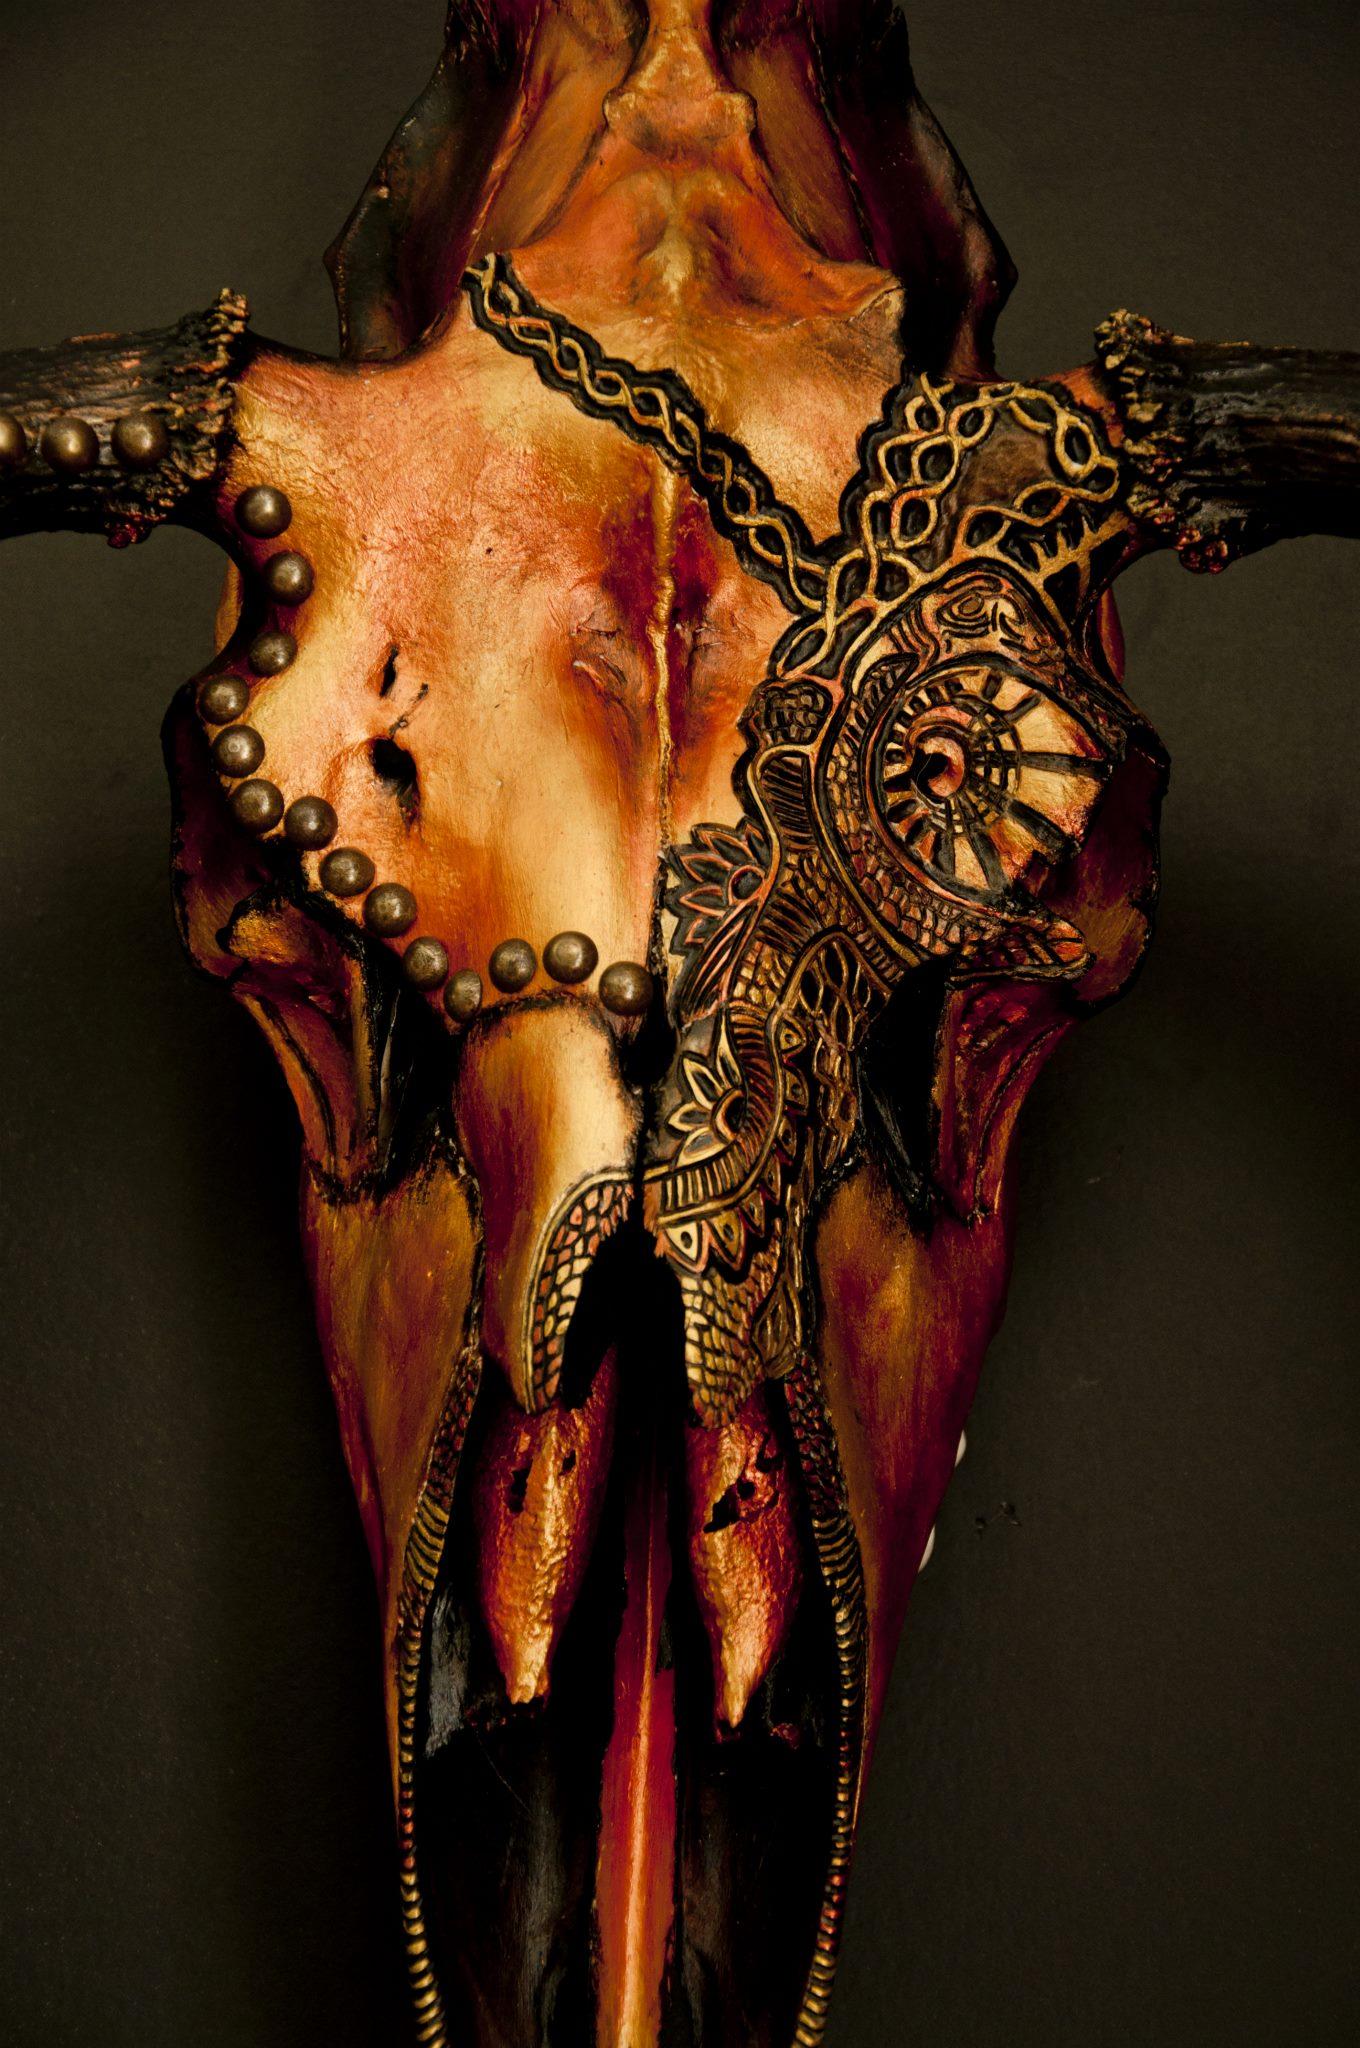 petra-shara-stoor-skull-art-buear-3.jpg